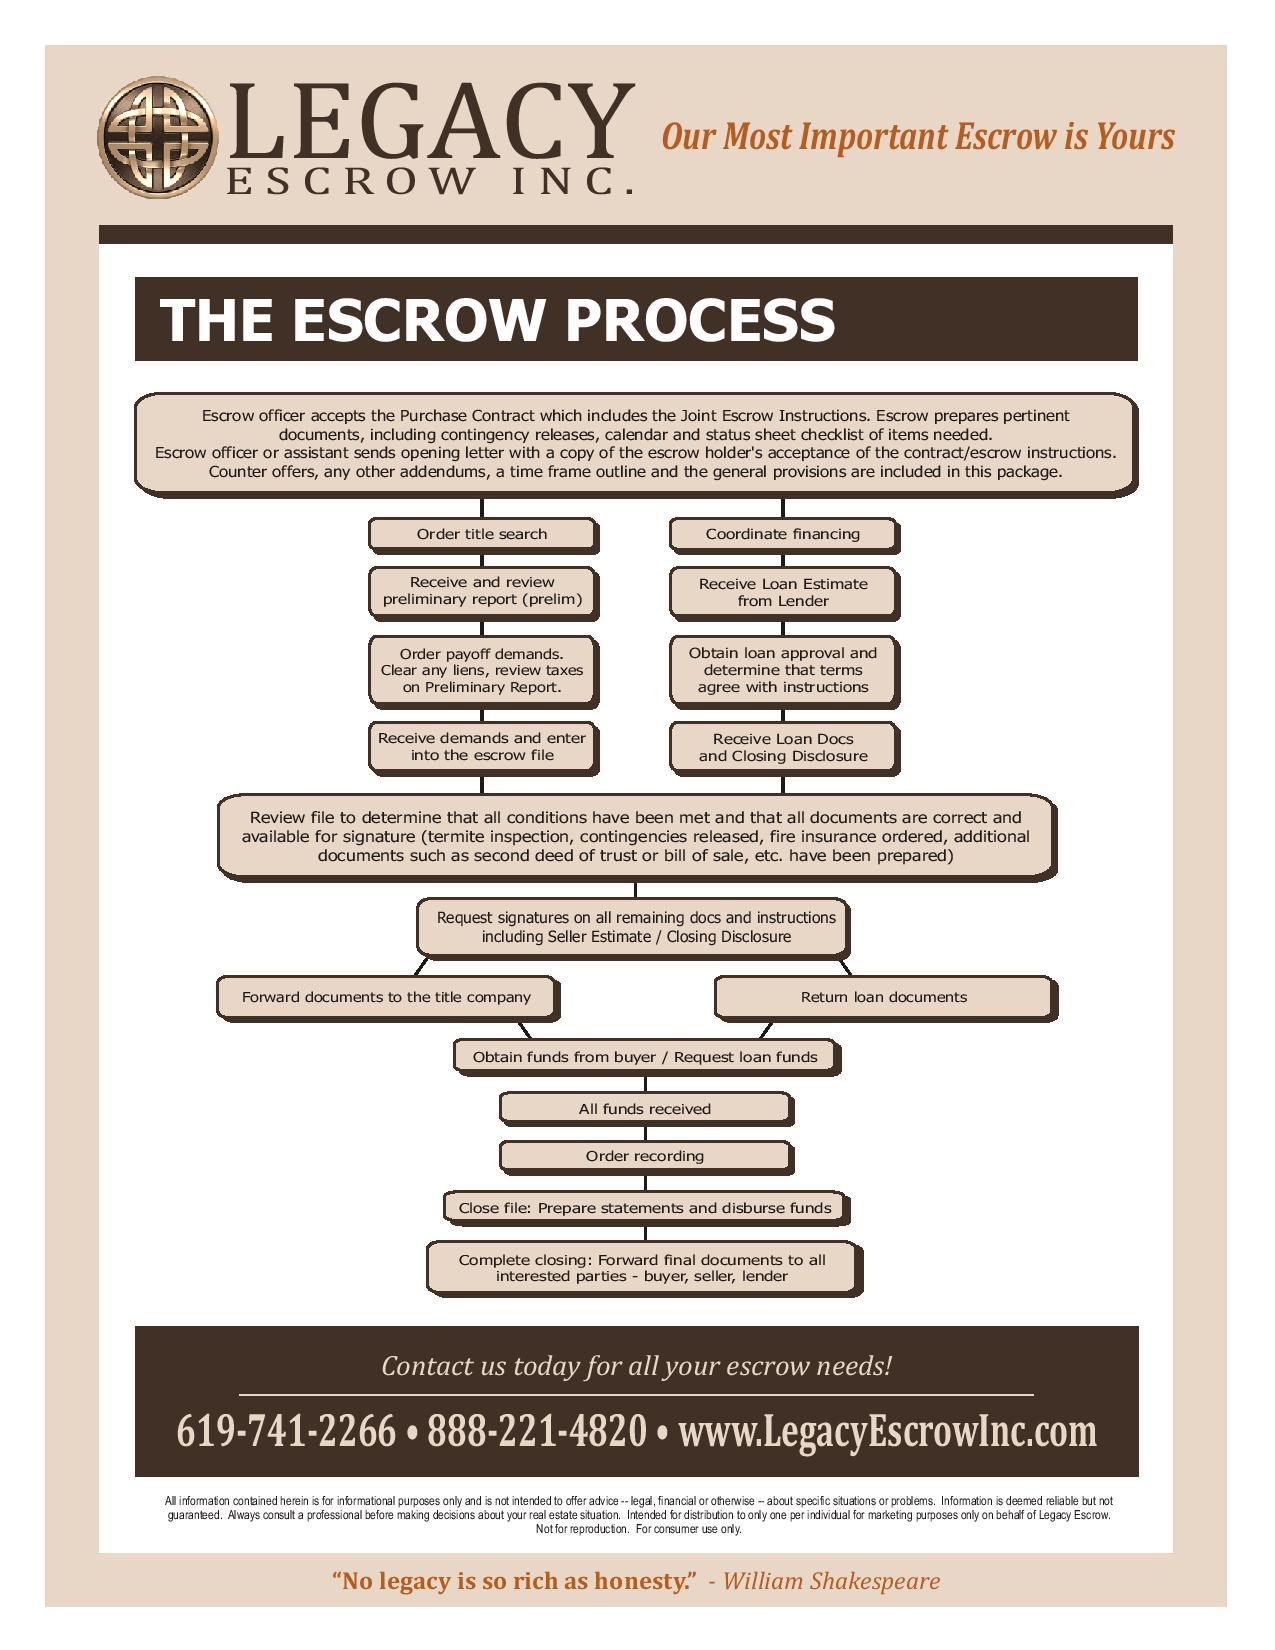 Escrow Flowchart